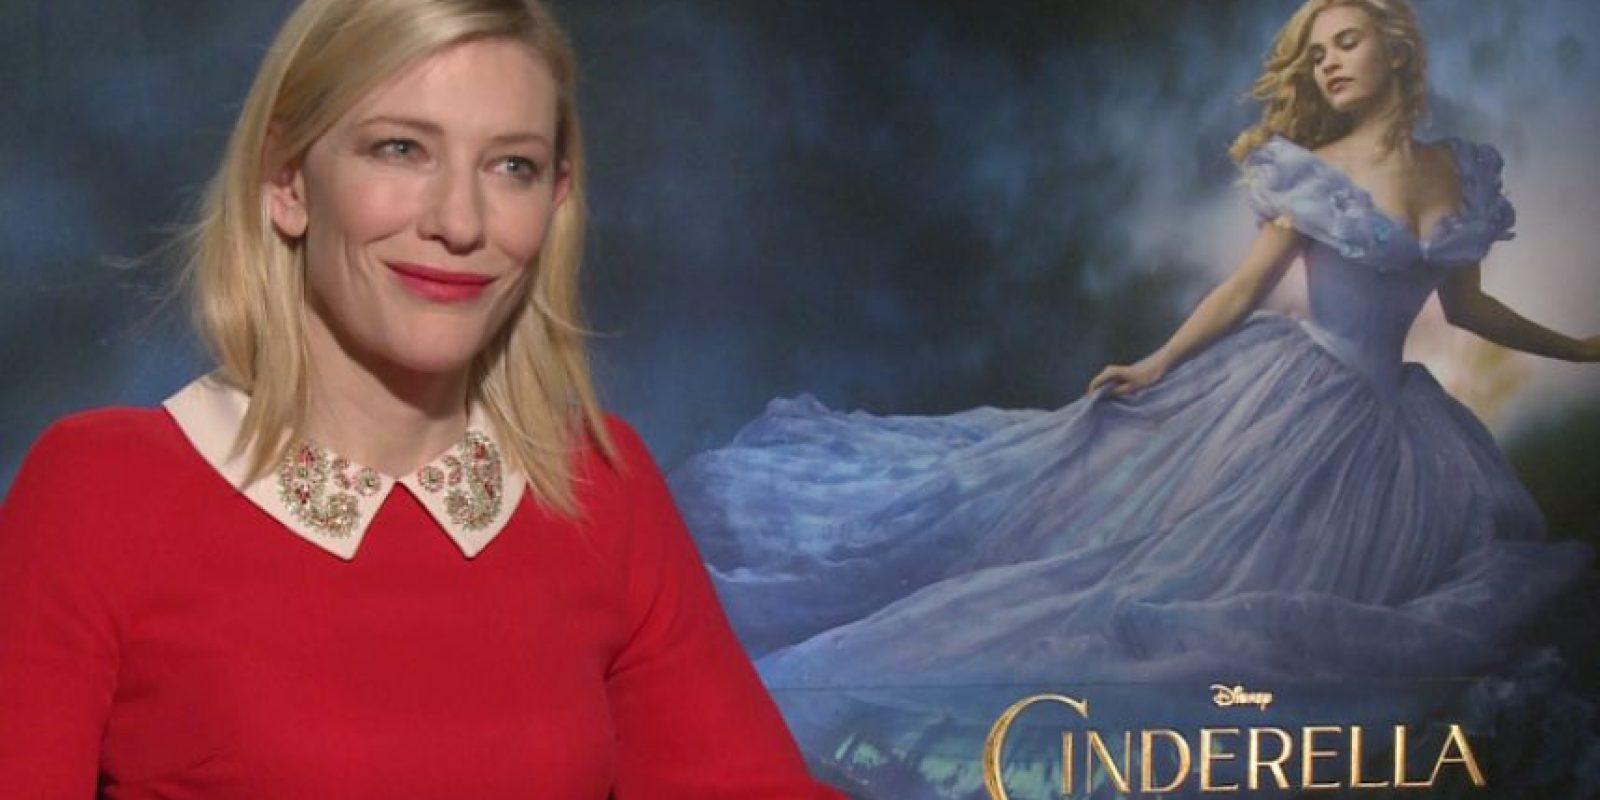 """4. Cate Blanchett siempre es muy profesional con sus entrevistas, pero cuando le hacen preguntas tontas, pierde la paciencia, como sucedió cuando promocionó """"Cinderella"""". Foto:vía Youtube"""